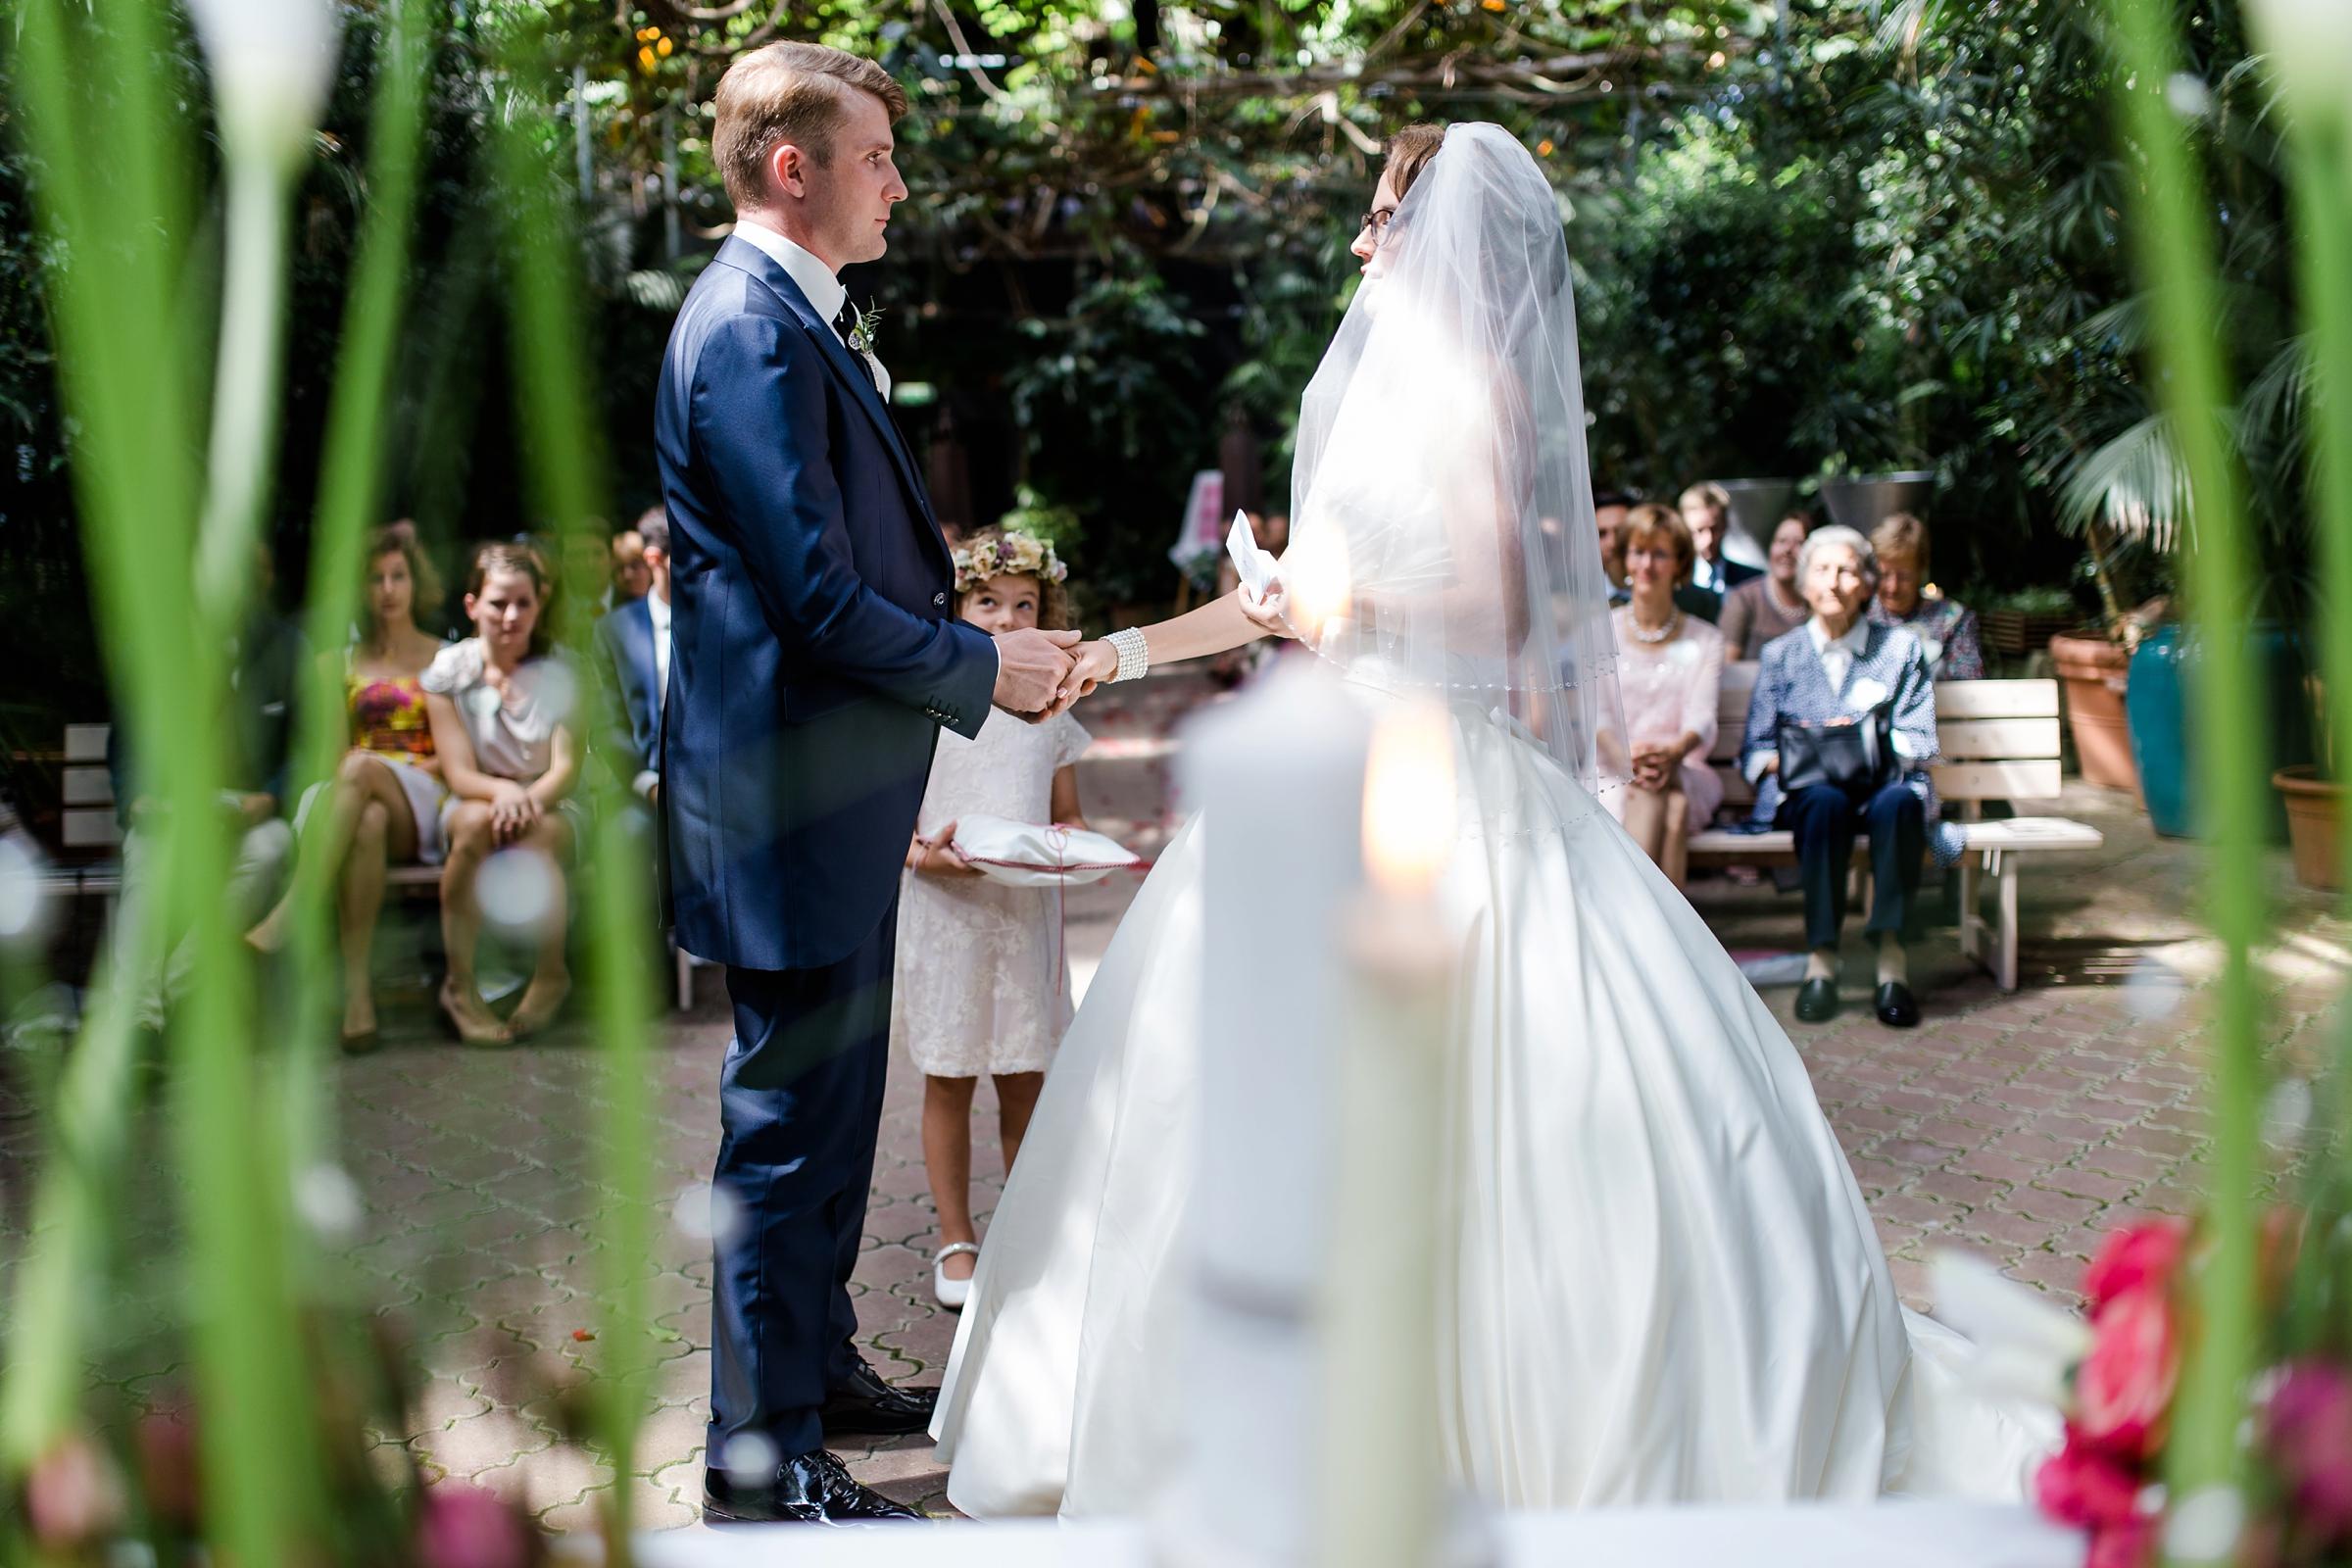 Hochzeitsreportage-Zuerich-Eheversprechen-Hochzeit-im-Gruenen-Giardino-Verde-Uitikon